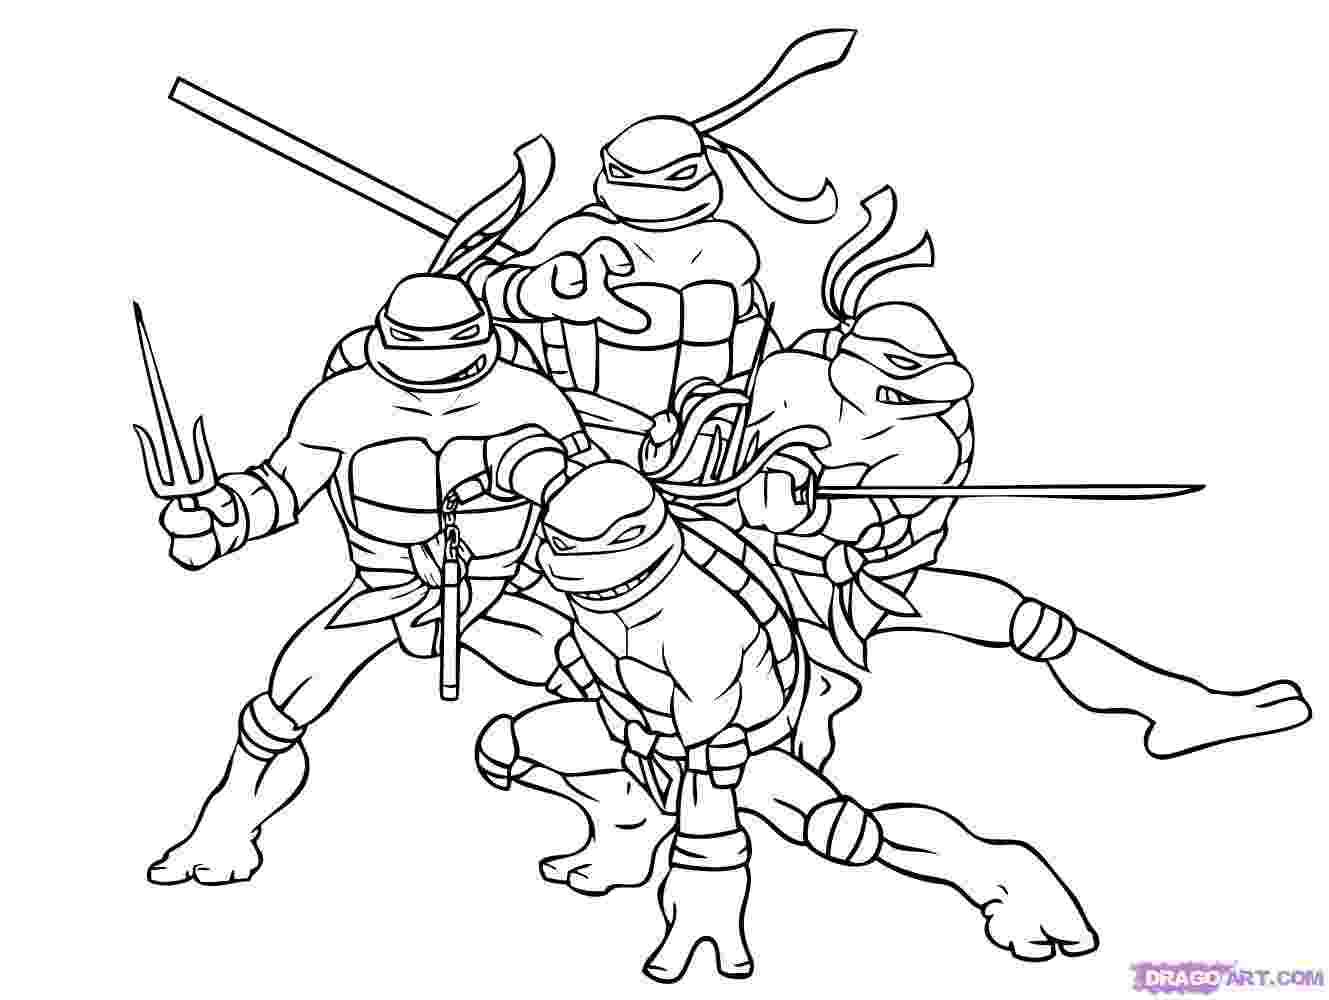 ninja turtles coloring pages printables craftoholic teenage mutant ninja turtles coloring pages coloring printables ninja turtles pages